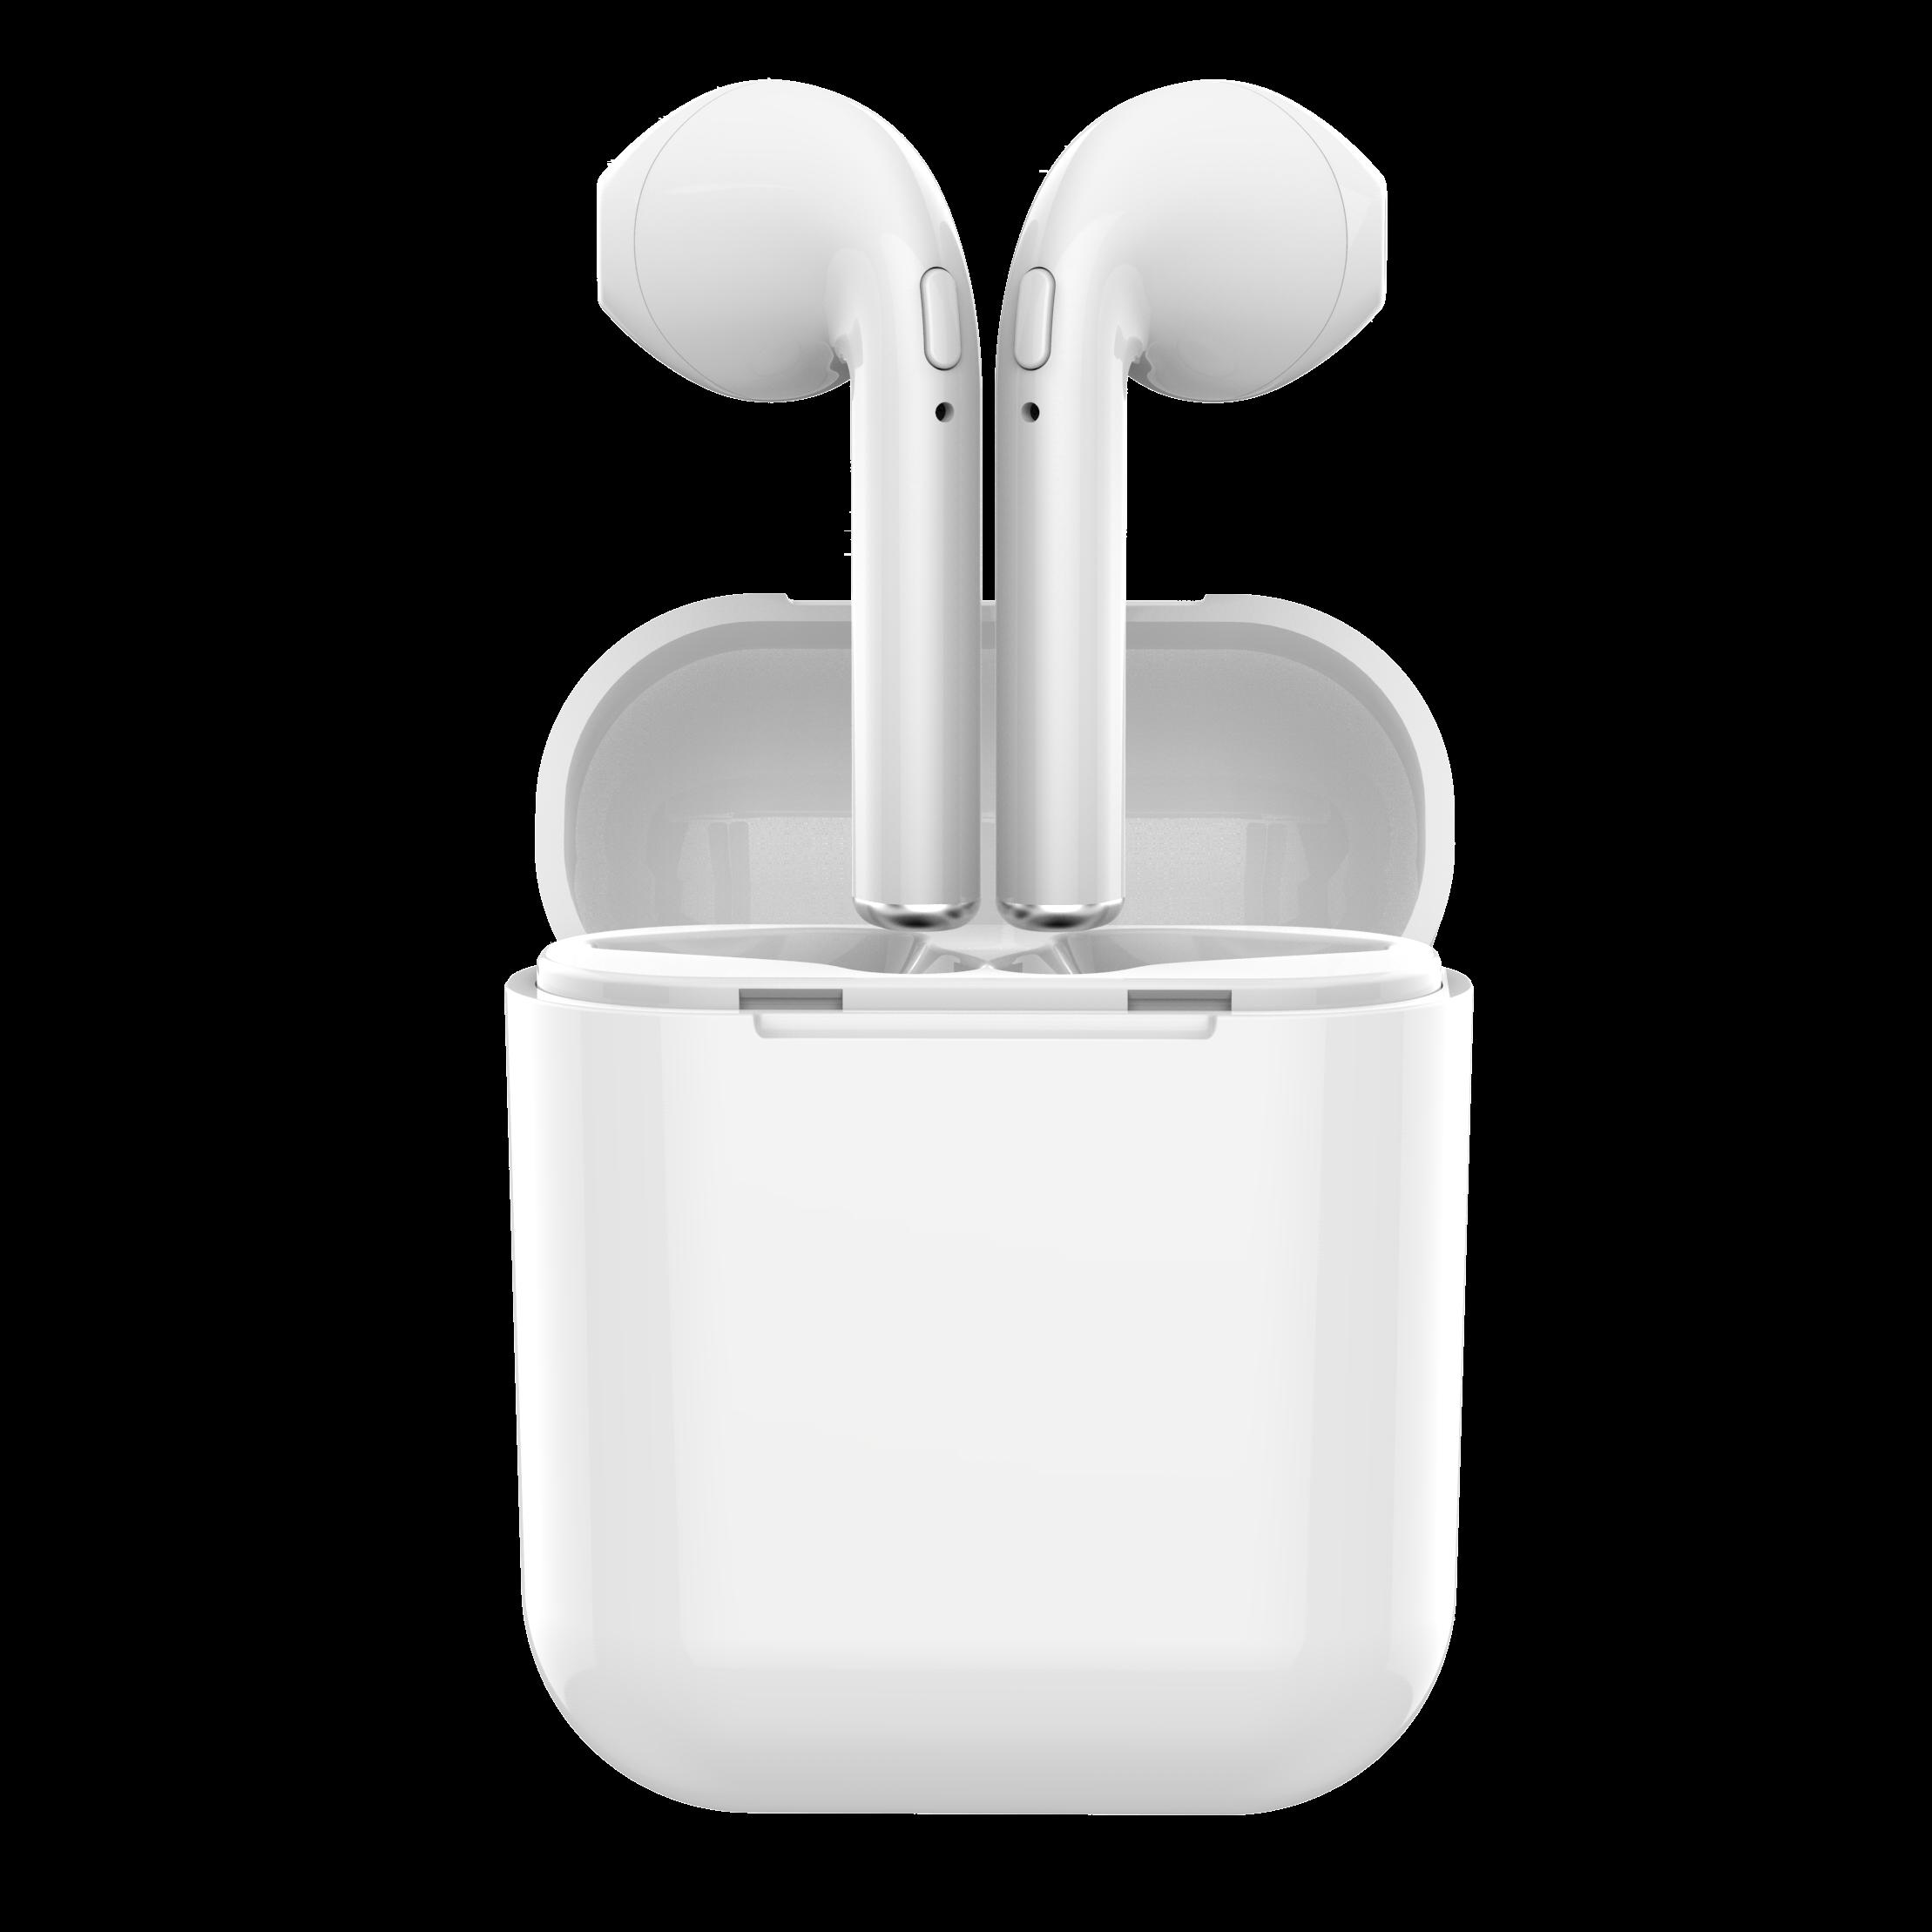 아크로 가성비 차이팟 아크로i9플러스 i10 통화음질좋은 블루투스이어폰, 화이트